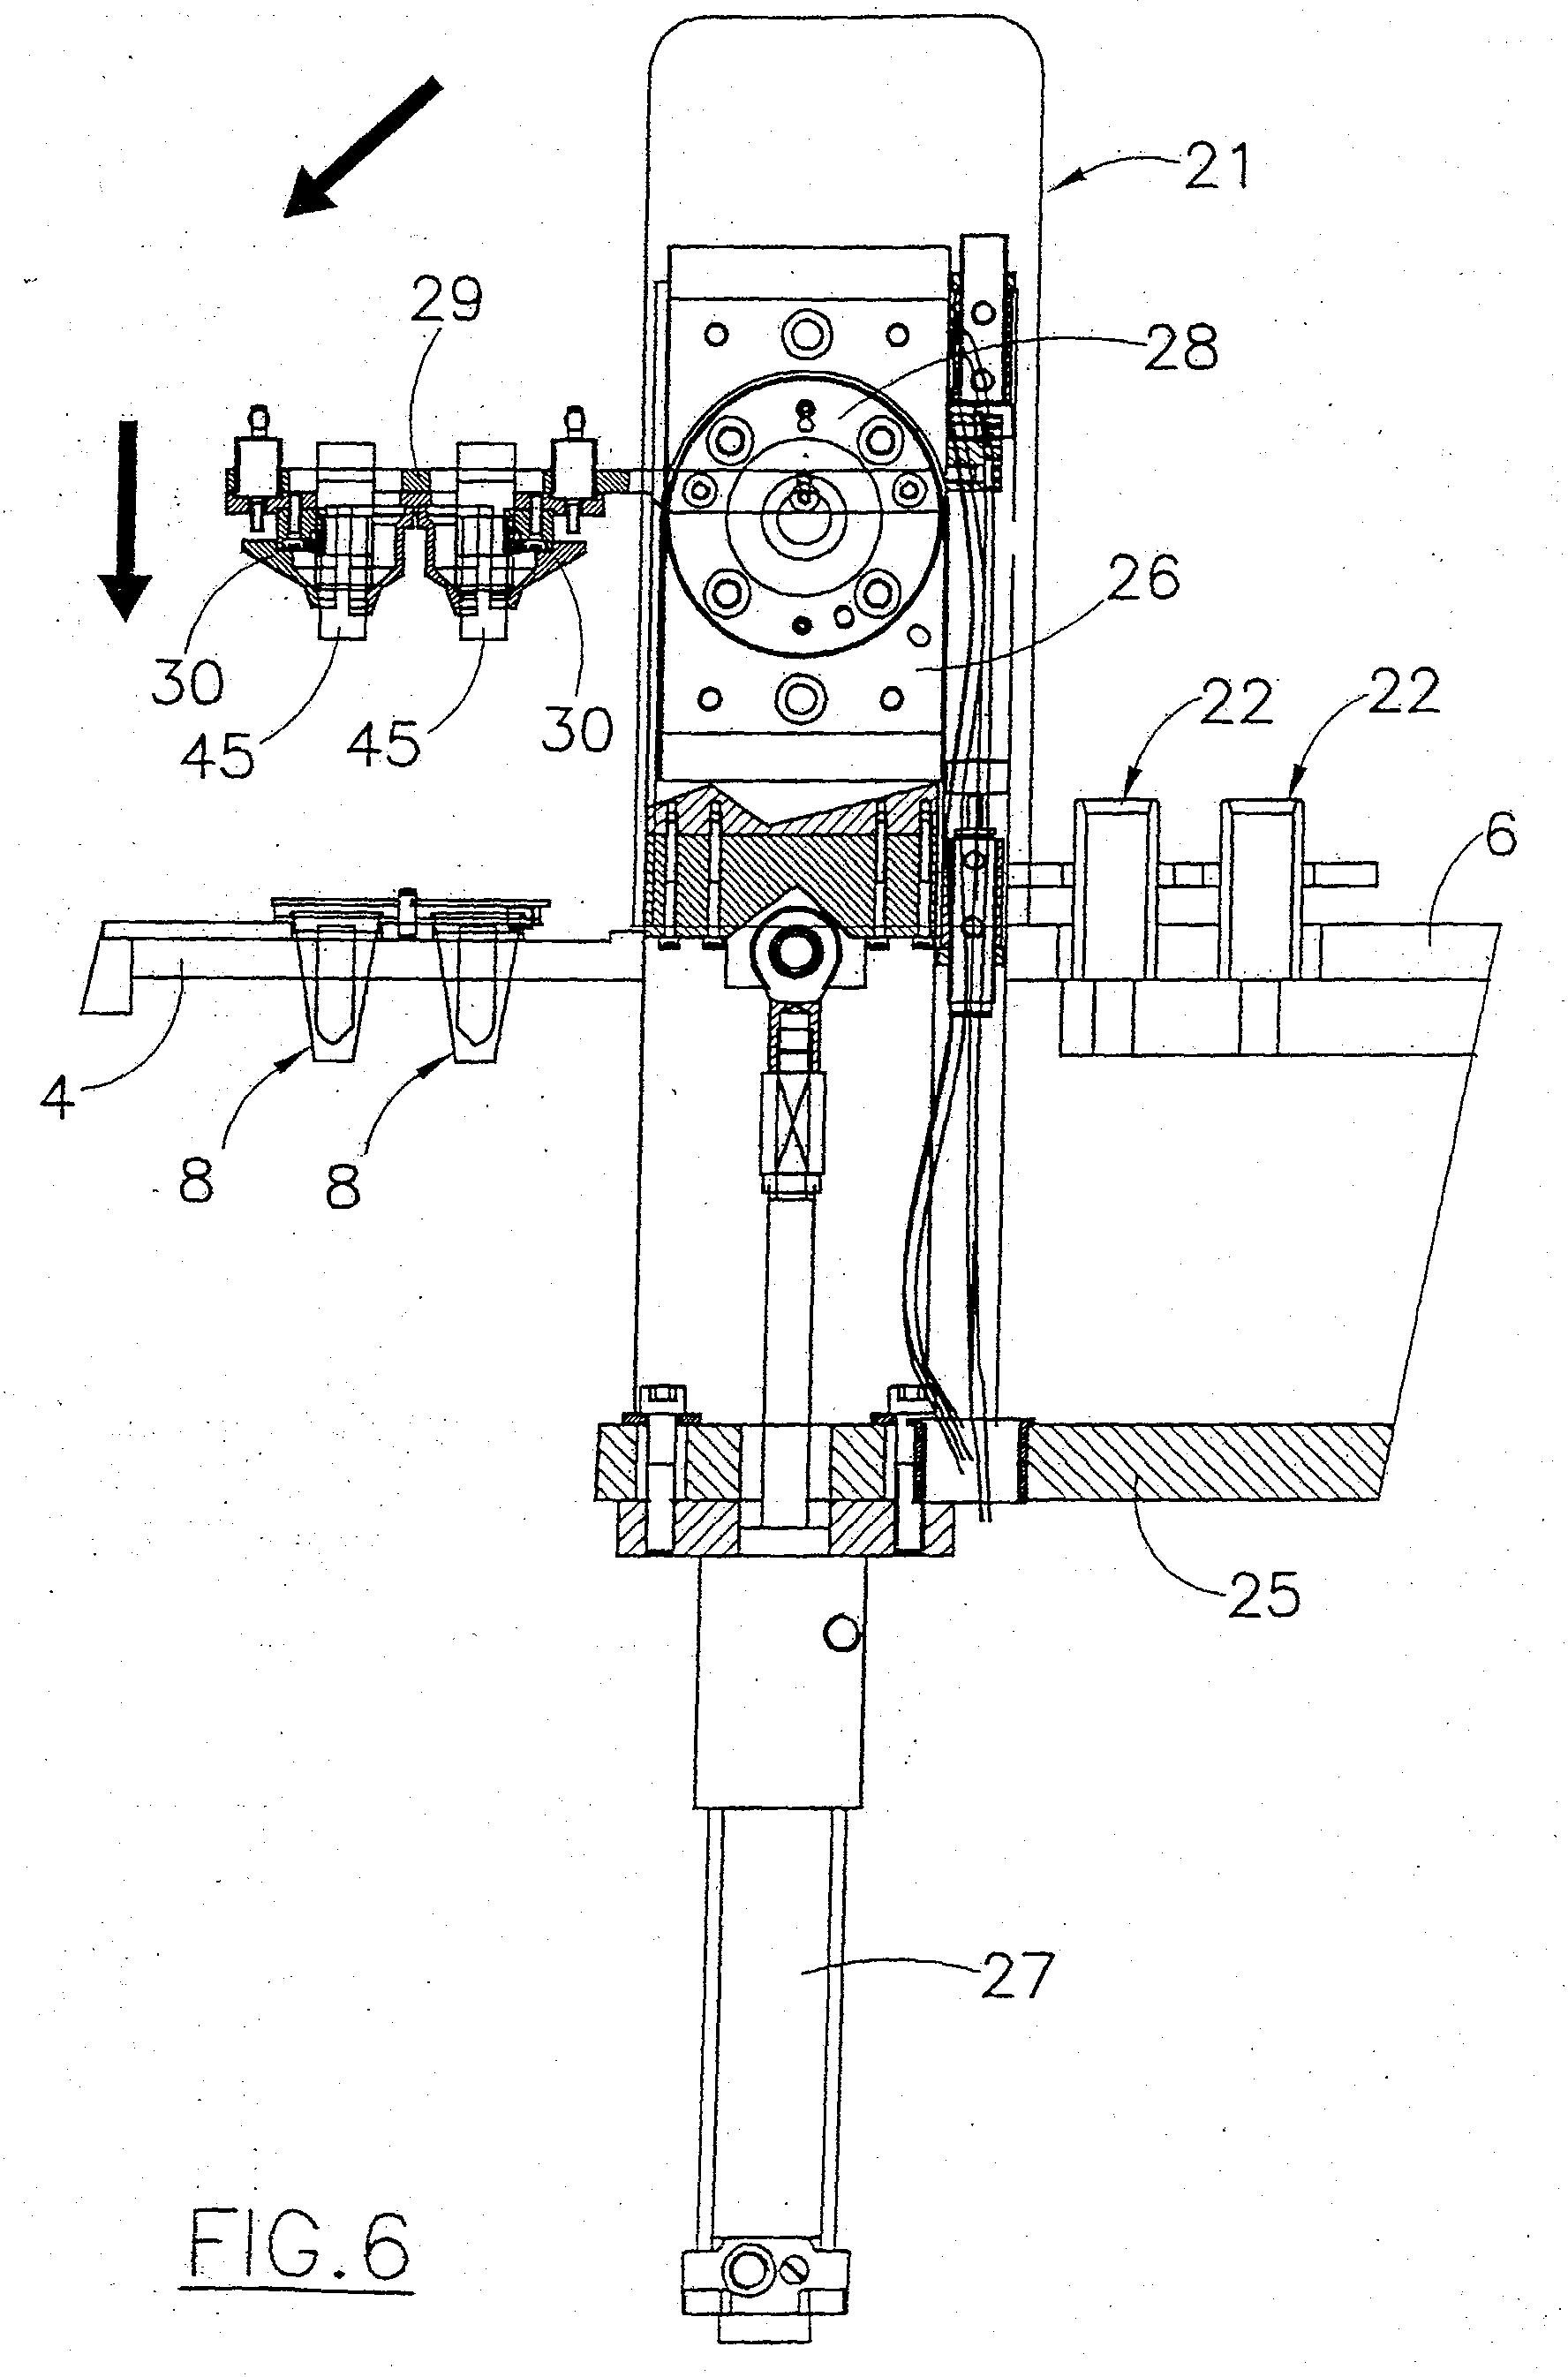 专利ep1437062a1 - apparatus for manufacturing